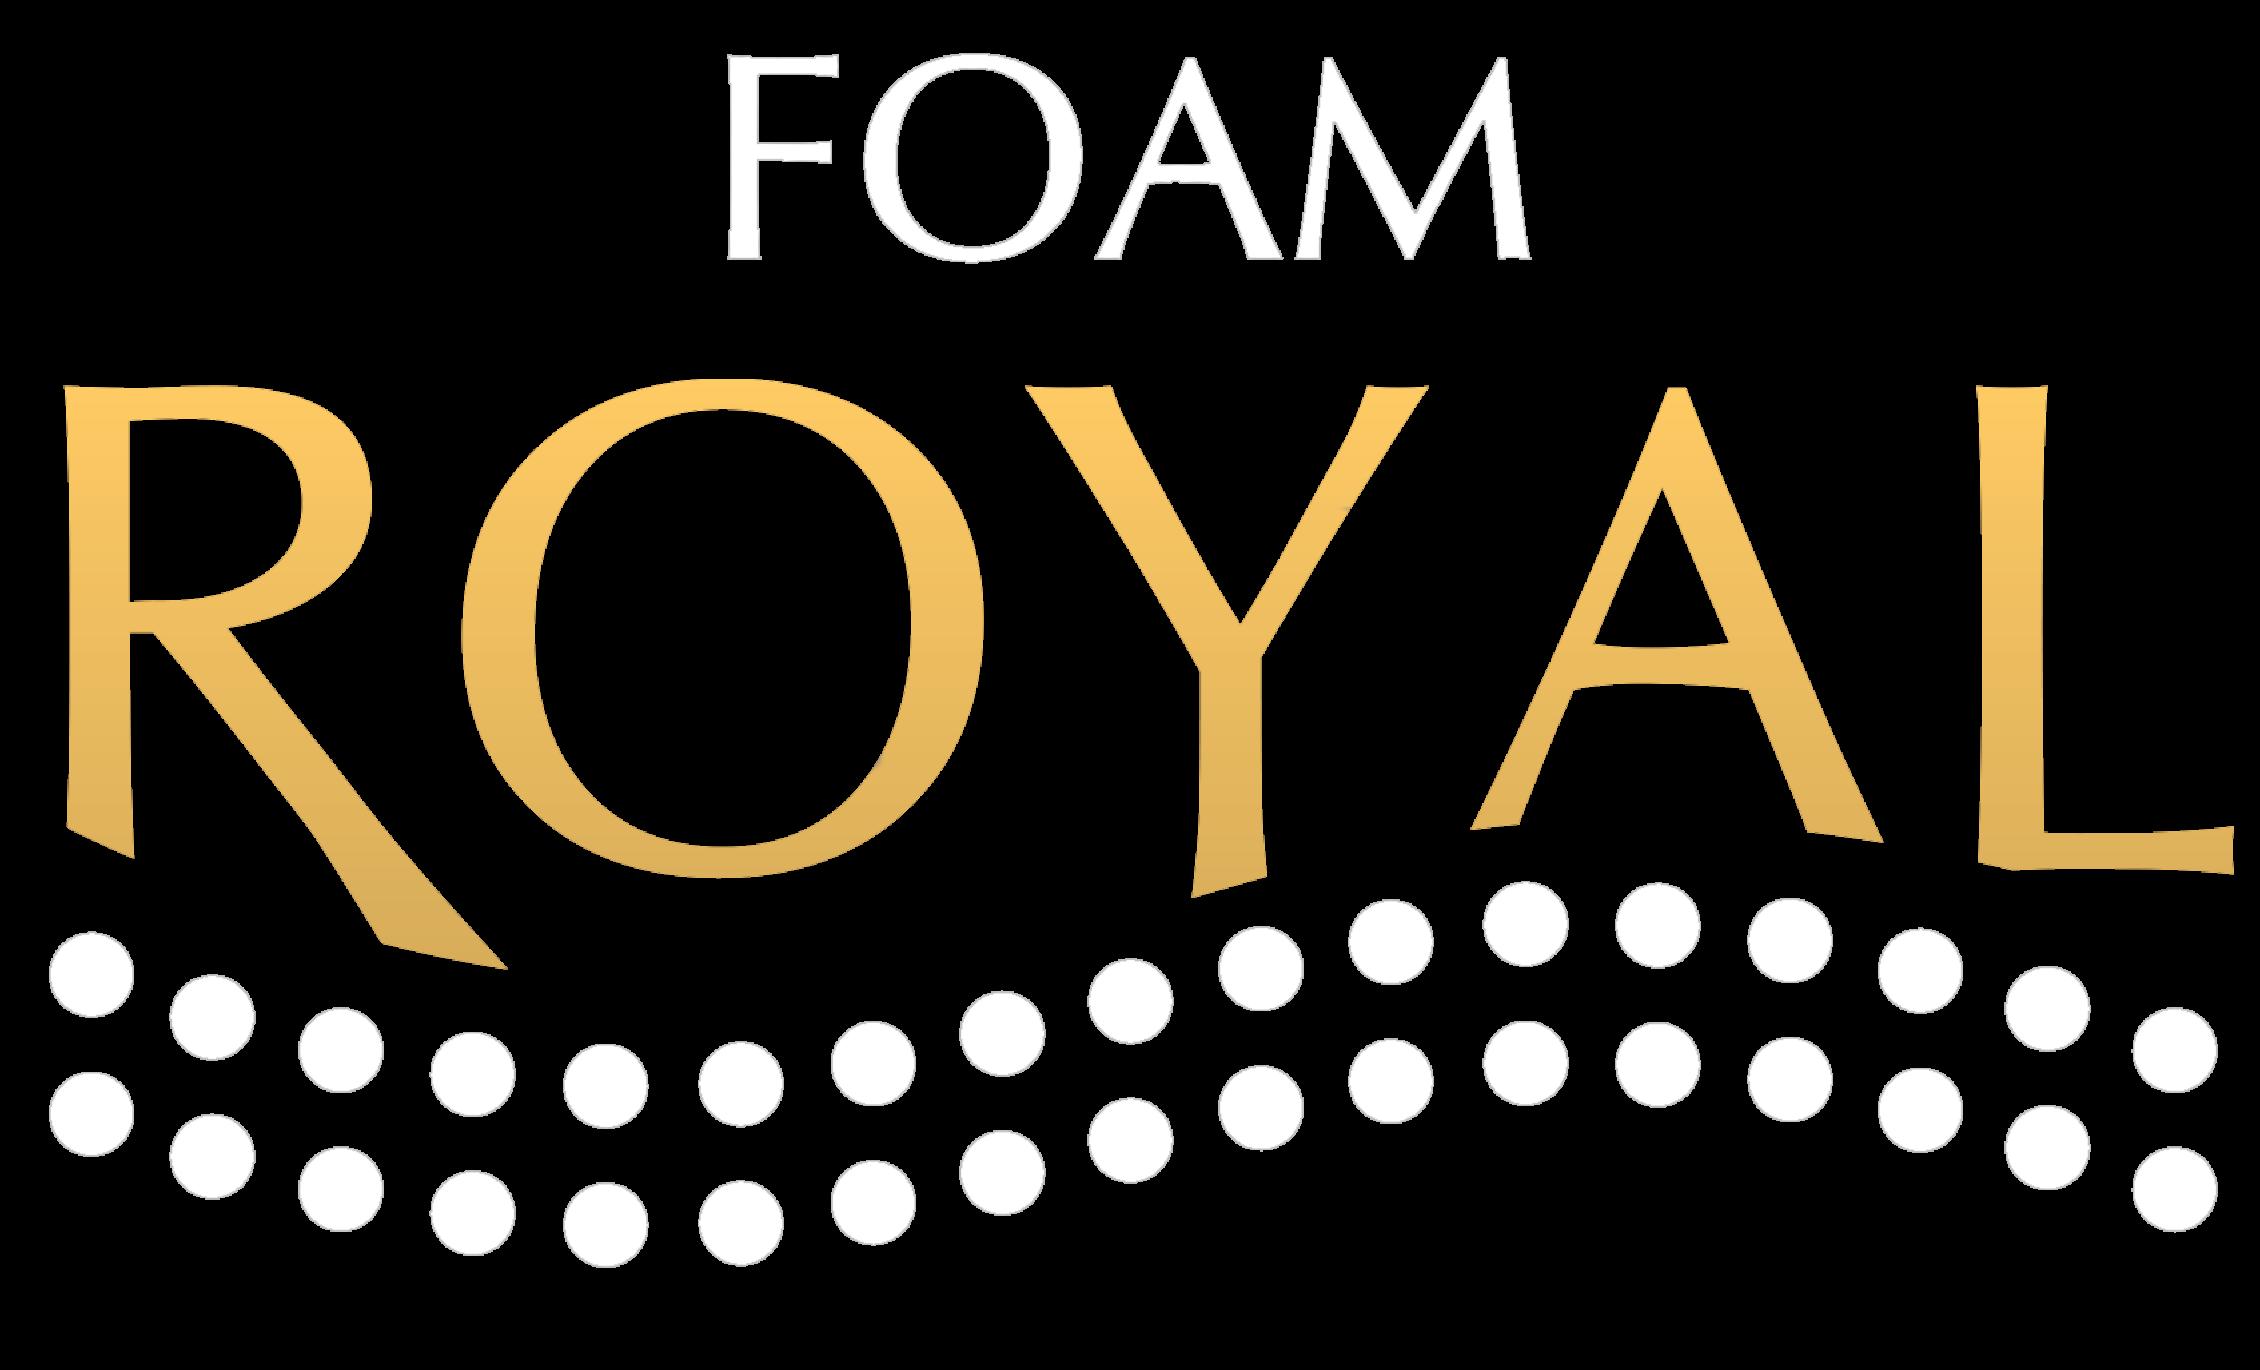 FoamRoyal